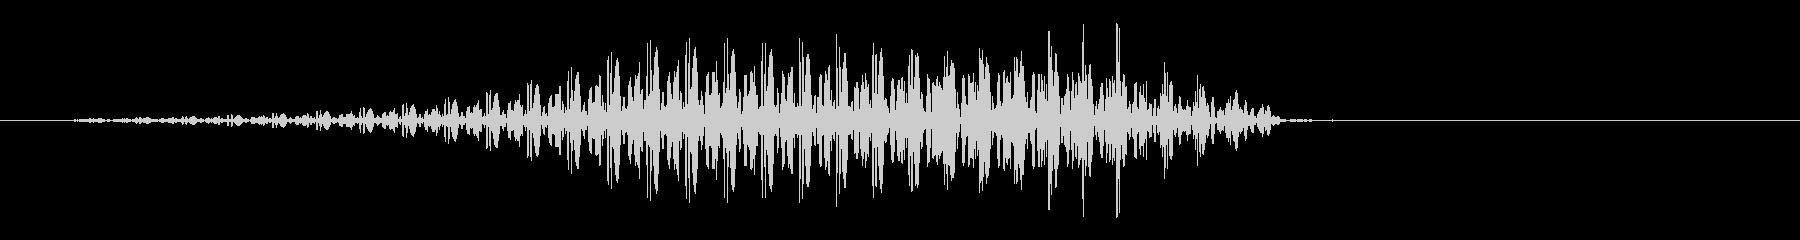 うえっ(人体からでる音、嘔吐音)の未再生の波形